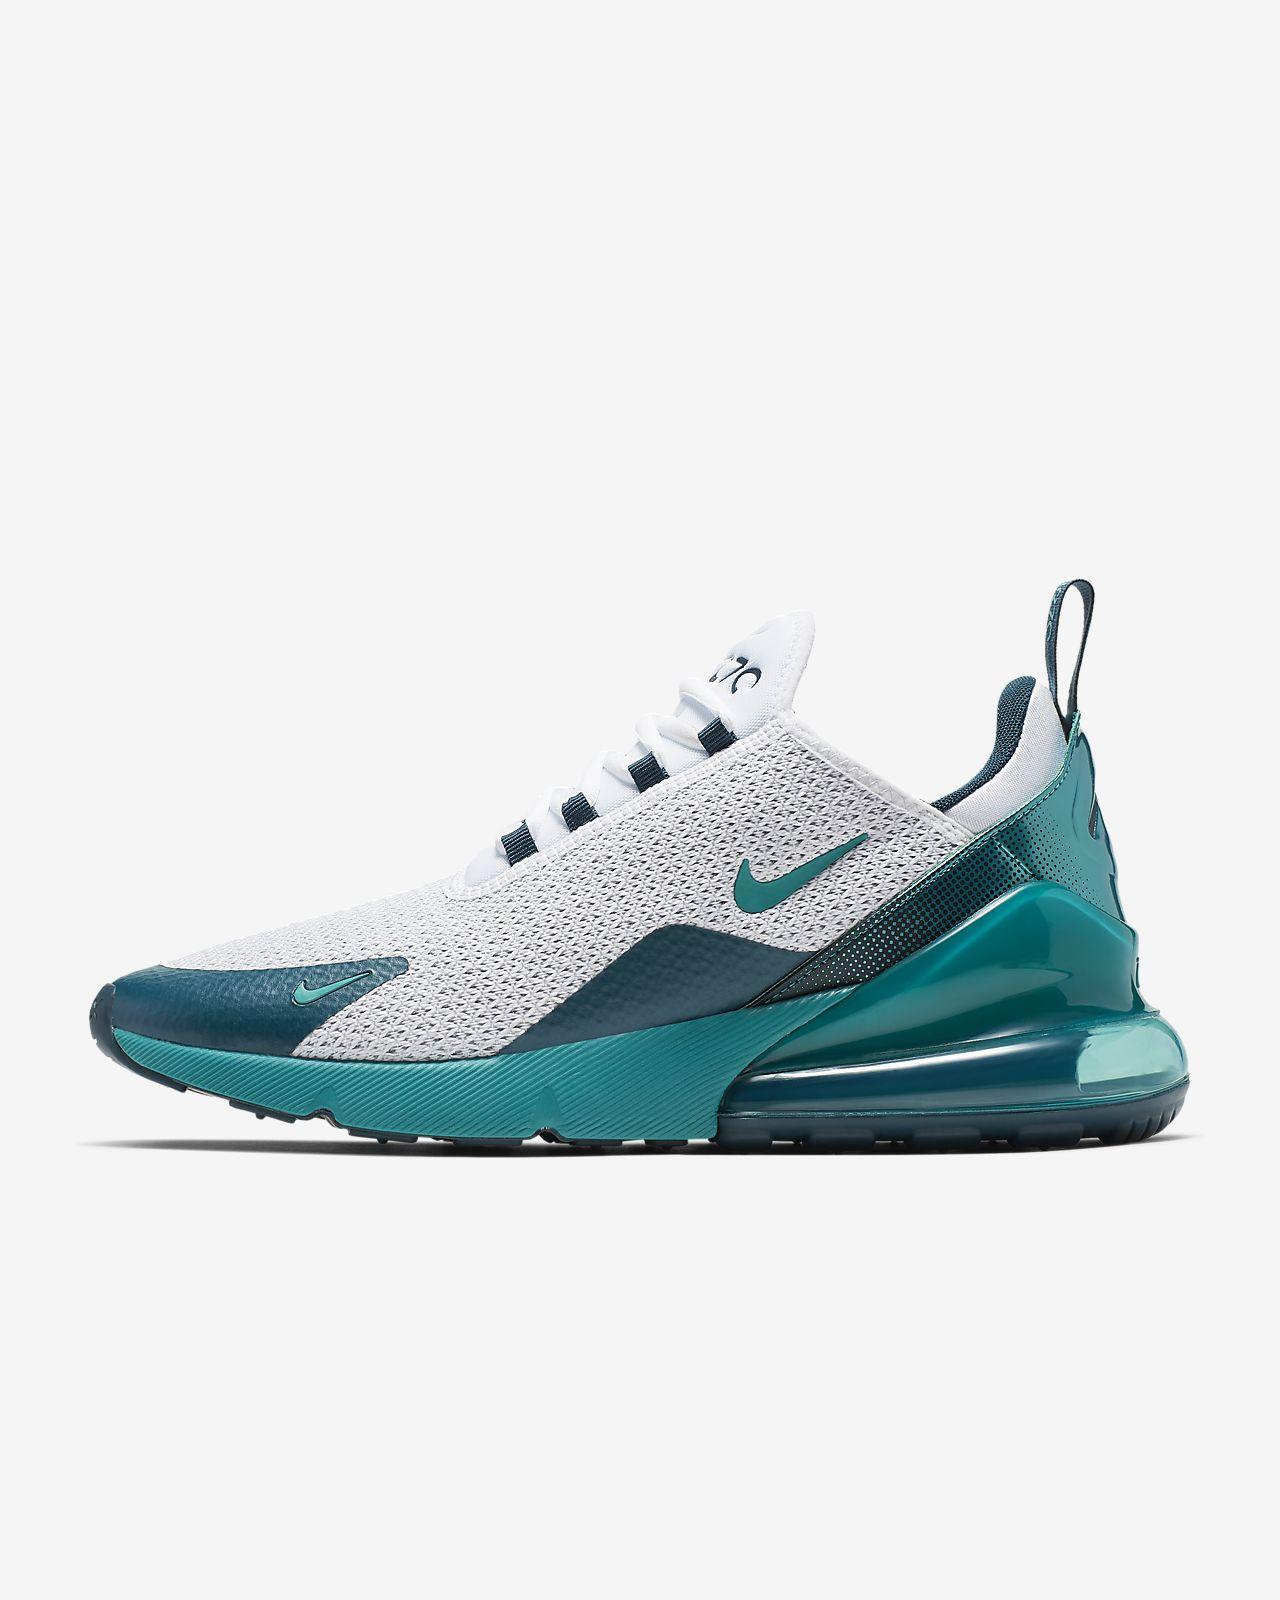 NIKE AIR MAX 97 PREMIUM 312834 008 | SCHWARZ | 154,99 € | Sneaker | ✪ ✪